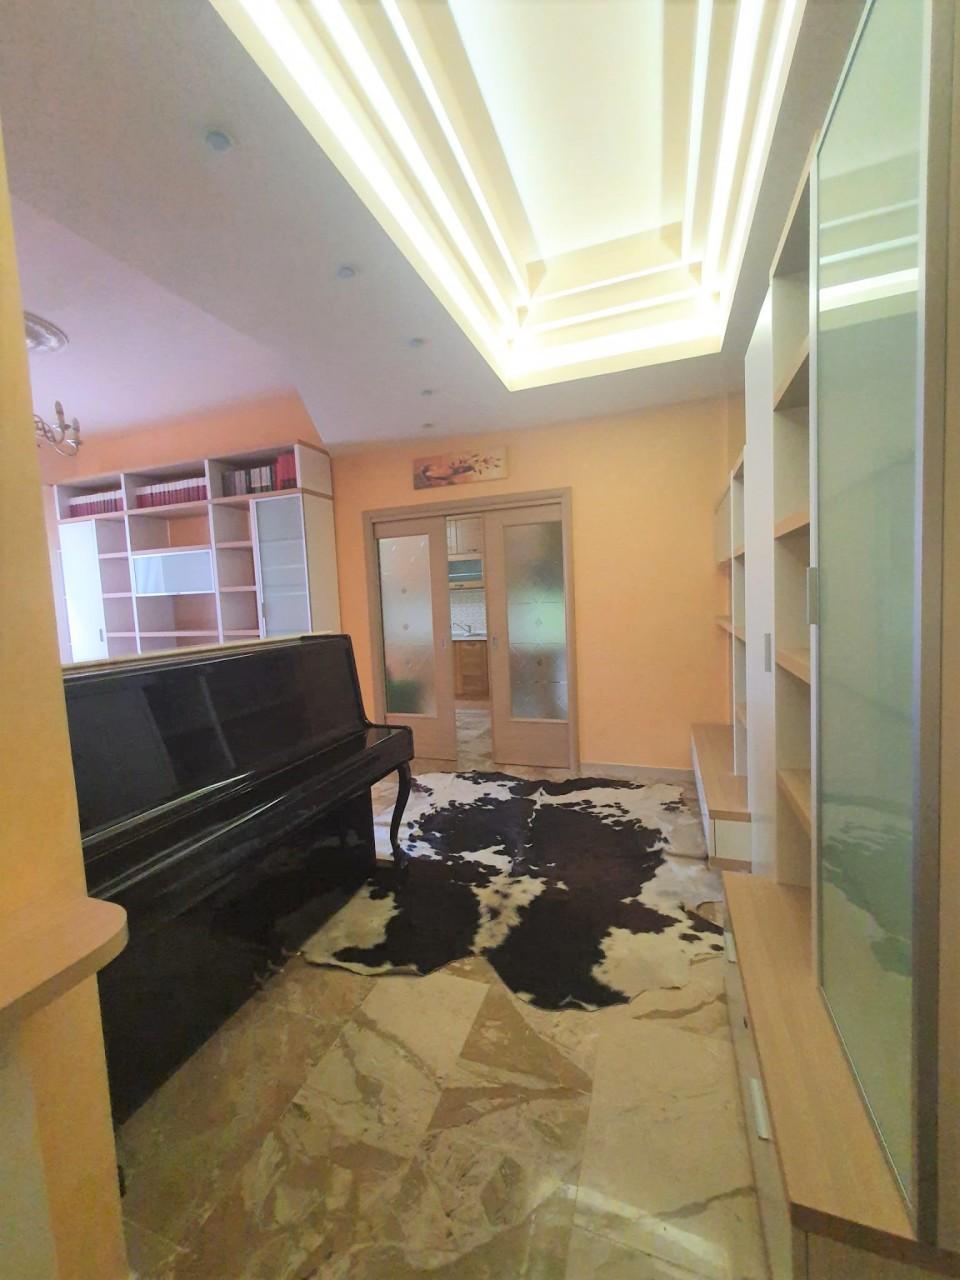 Appartamento in vendita a Reggio Calabria, 3 locali, prezzo € 110.000 | CambioCasa.it